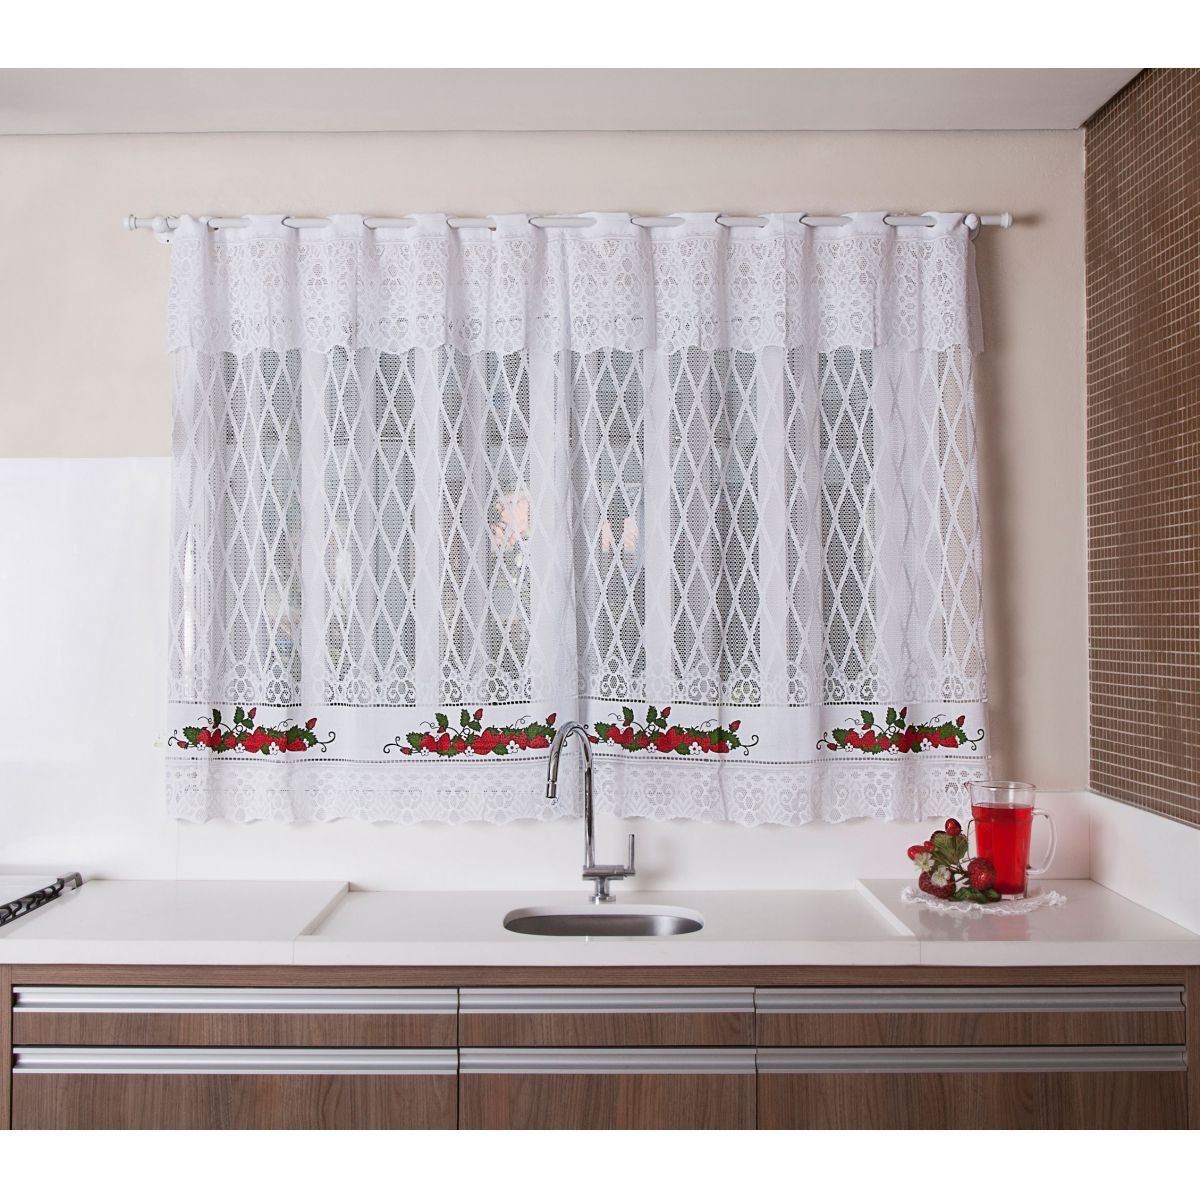 Cortinas De Baño Aki:cortina_para_janela_de_cozinha_de_renda_2_00x1_20_moranguinhos_723_1